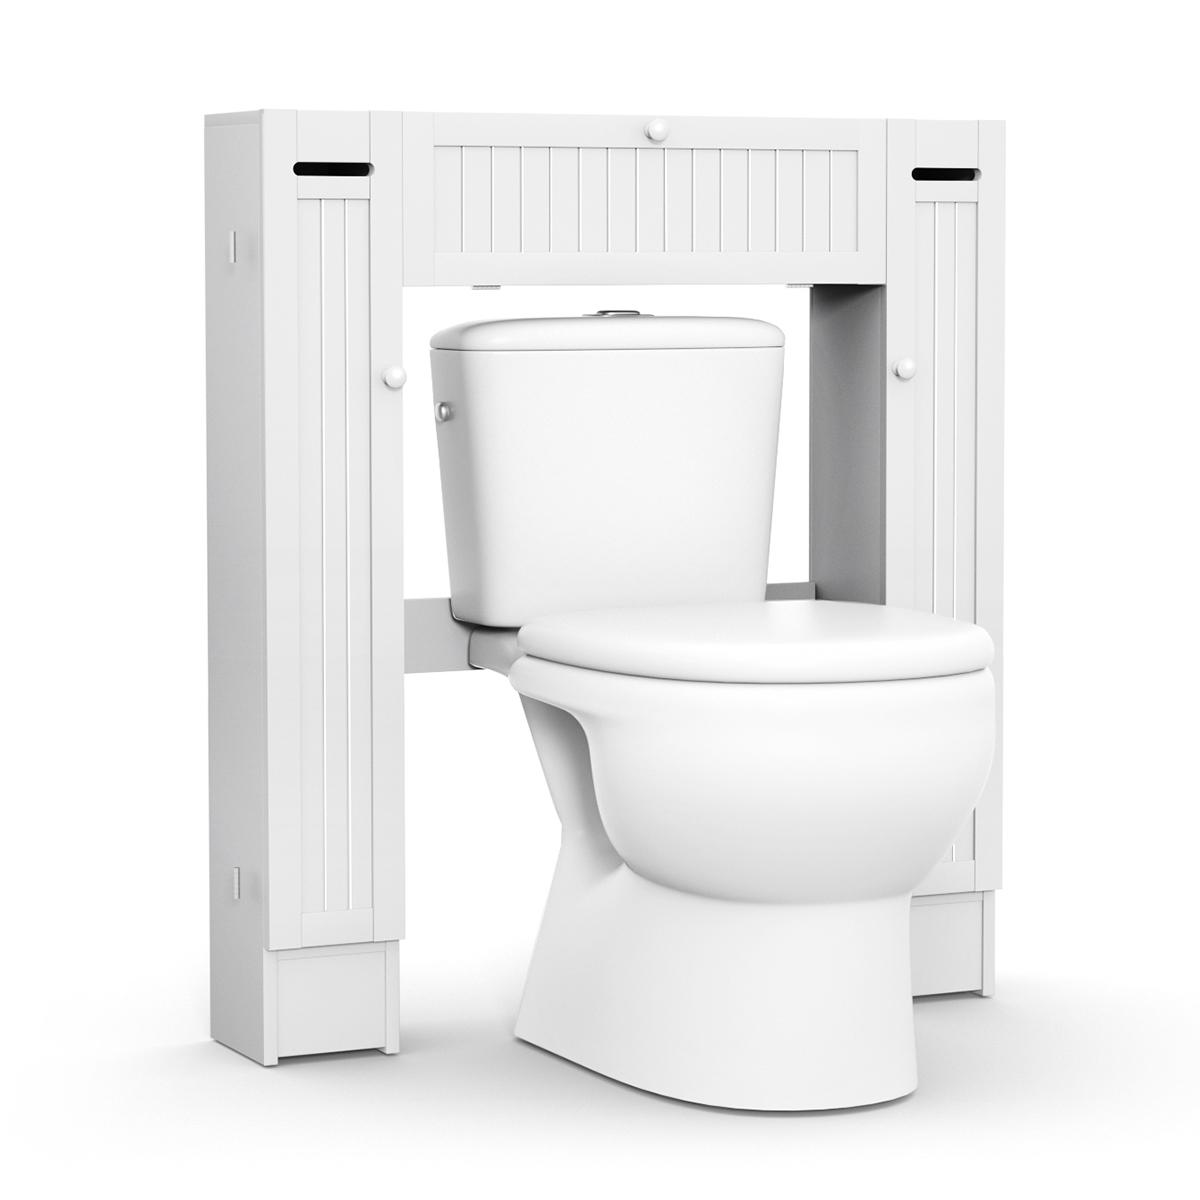 Allbest2you 5 Wooden Over Toilet Storage Cabinet Drop Door Spacesaver Bathroom White